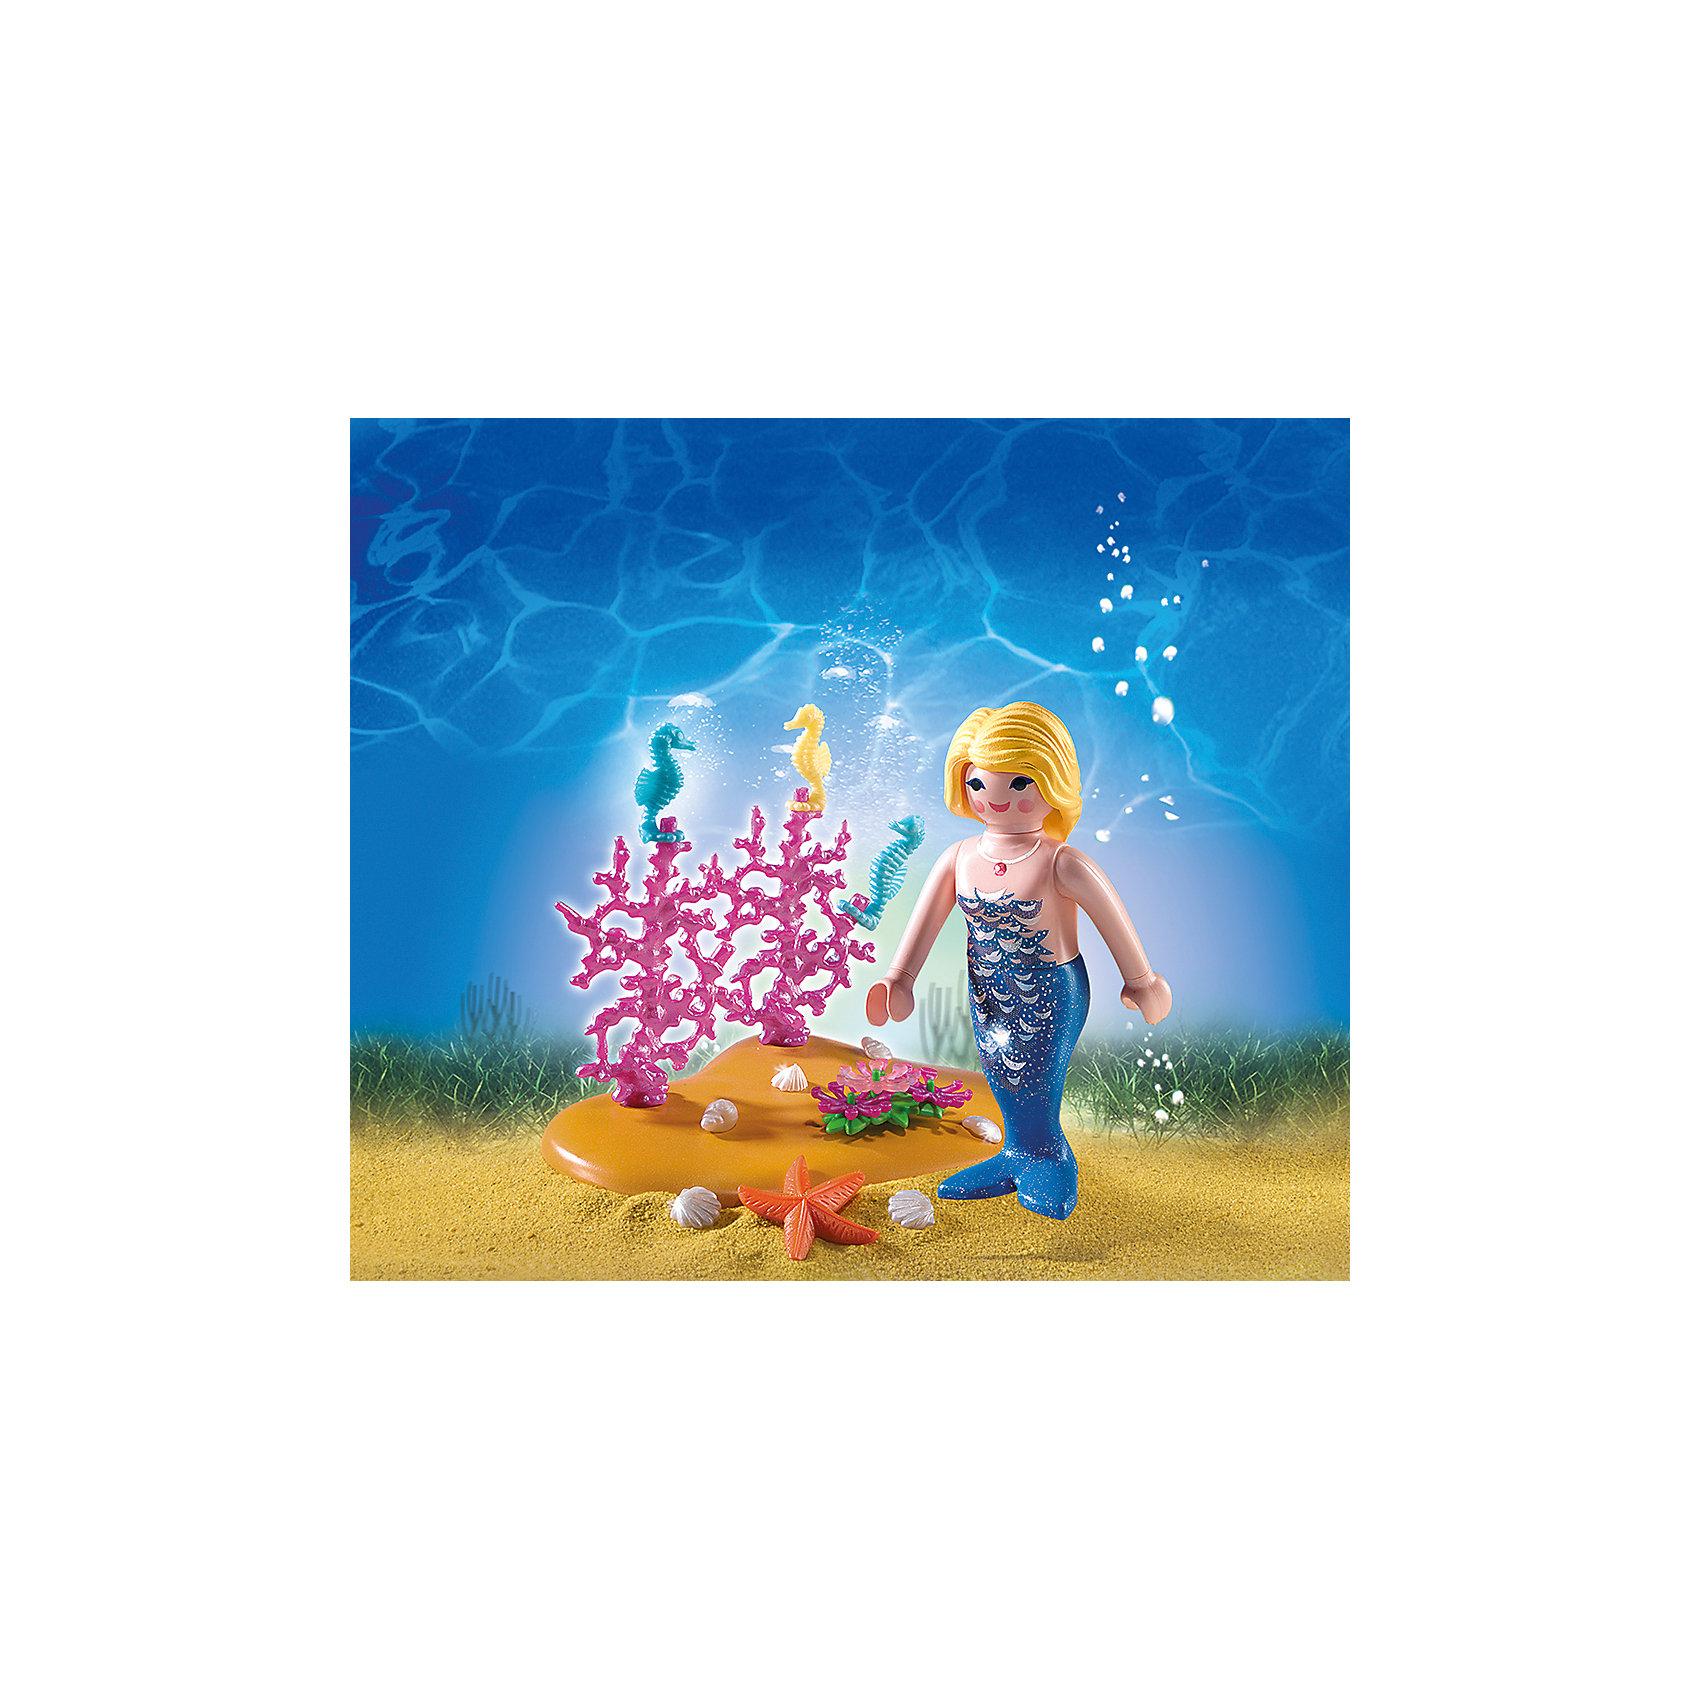 Яйцо: Русалочка и морские коньки, PLAYMOBILЯйцо: Русалочка и морские коньки, PLAYMOBIL (Плэймобил)<br><br>Характеристики:<br><br>• всё необходимое для создания подводной миниатюры<br>• оригинальная упаковка-яйцо<br>• материал: пластик<br>• высота русалочки: 7,5 см<br>• размер упаковки: 13х13х10 см<br>• в комплекте: русалочка, морские коньки, морская звезда, водоросли, ракушки<br><br>Набор игрушек от Плэймобил позволит ребенку создать необычную морскую миниатюру и придумать интересную историю. Для этого в комплект входят: русалочка, морские животные и растения. Кроме того, упаковка набора имеет необычную упаковку - яйцо, в котором удобно хранить детали набора после игры. Игрушки изготовлены из высококачественного пластика, который долго будет радовать вас своей долговечностью!<br><br>Яйцо: Русалочка и морские коньки, PLAYMOBIL (Плэймобил) вы можете купить в нашем интернет-магазине.<br><br>Ширина мм: 137<br>Глубина мм: 129<br>Высота мм: 101<br>Вес г: 149<br>Возраст от месяцев: 48<br>Возраст до месяцев: 120<br>Пол: Женский<br>Возраст: Детский<br>SKU: 3786407